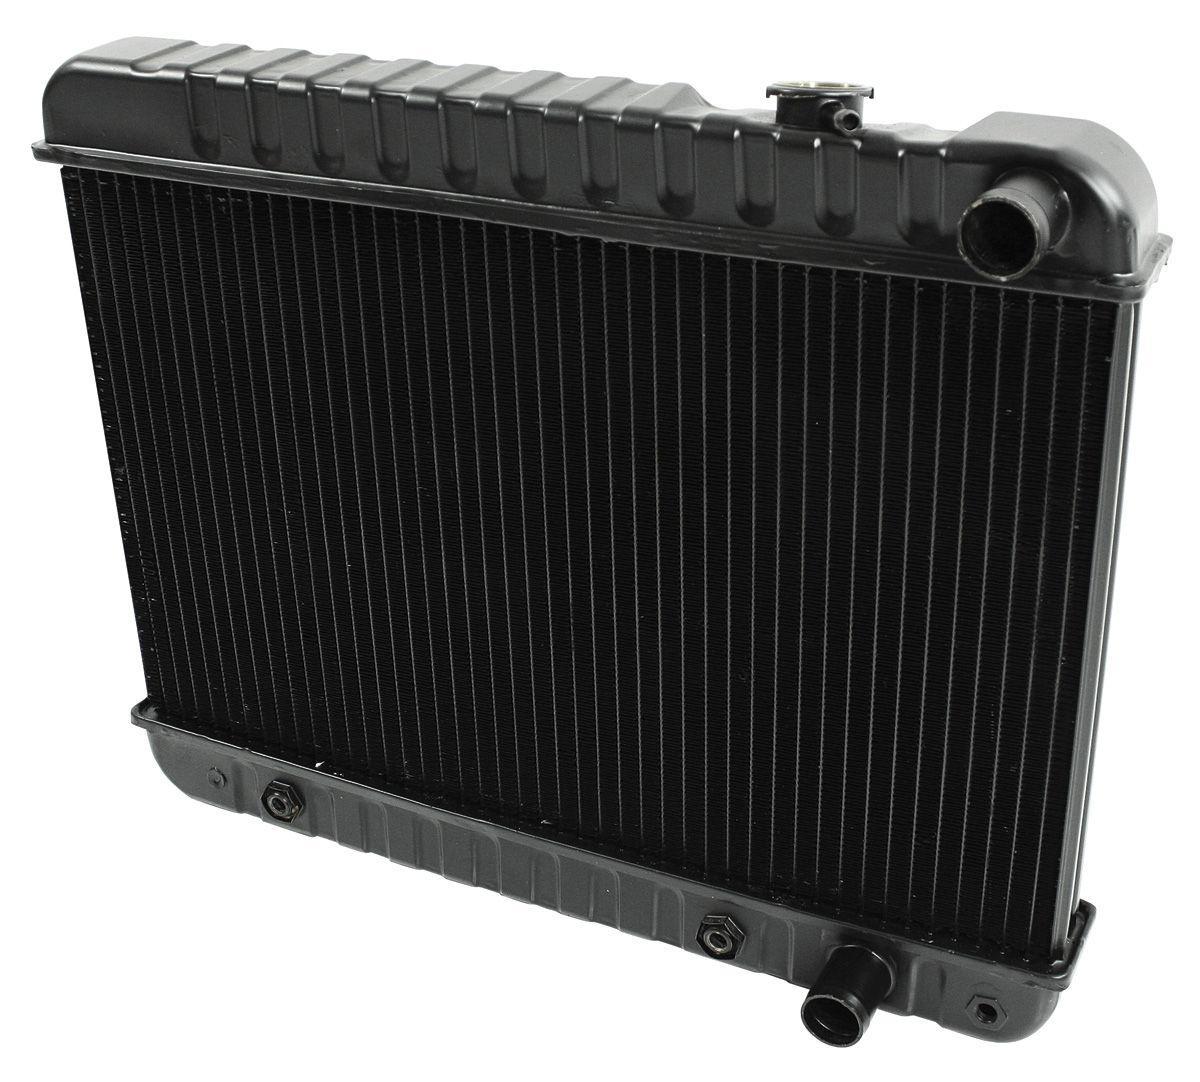 """Radiator, 1964-65 Skylark, 300 V8, Manual, 3-Row, 15-5/8"""" X 24-3/4"""" X 2"""""""